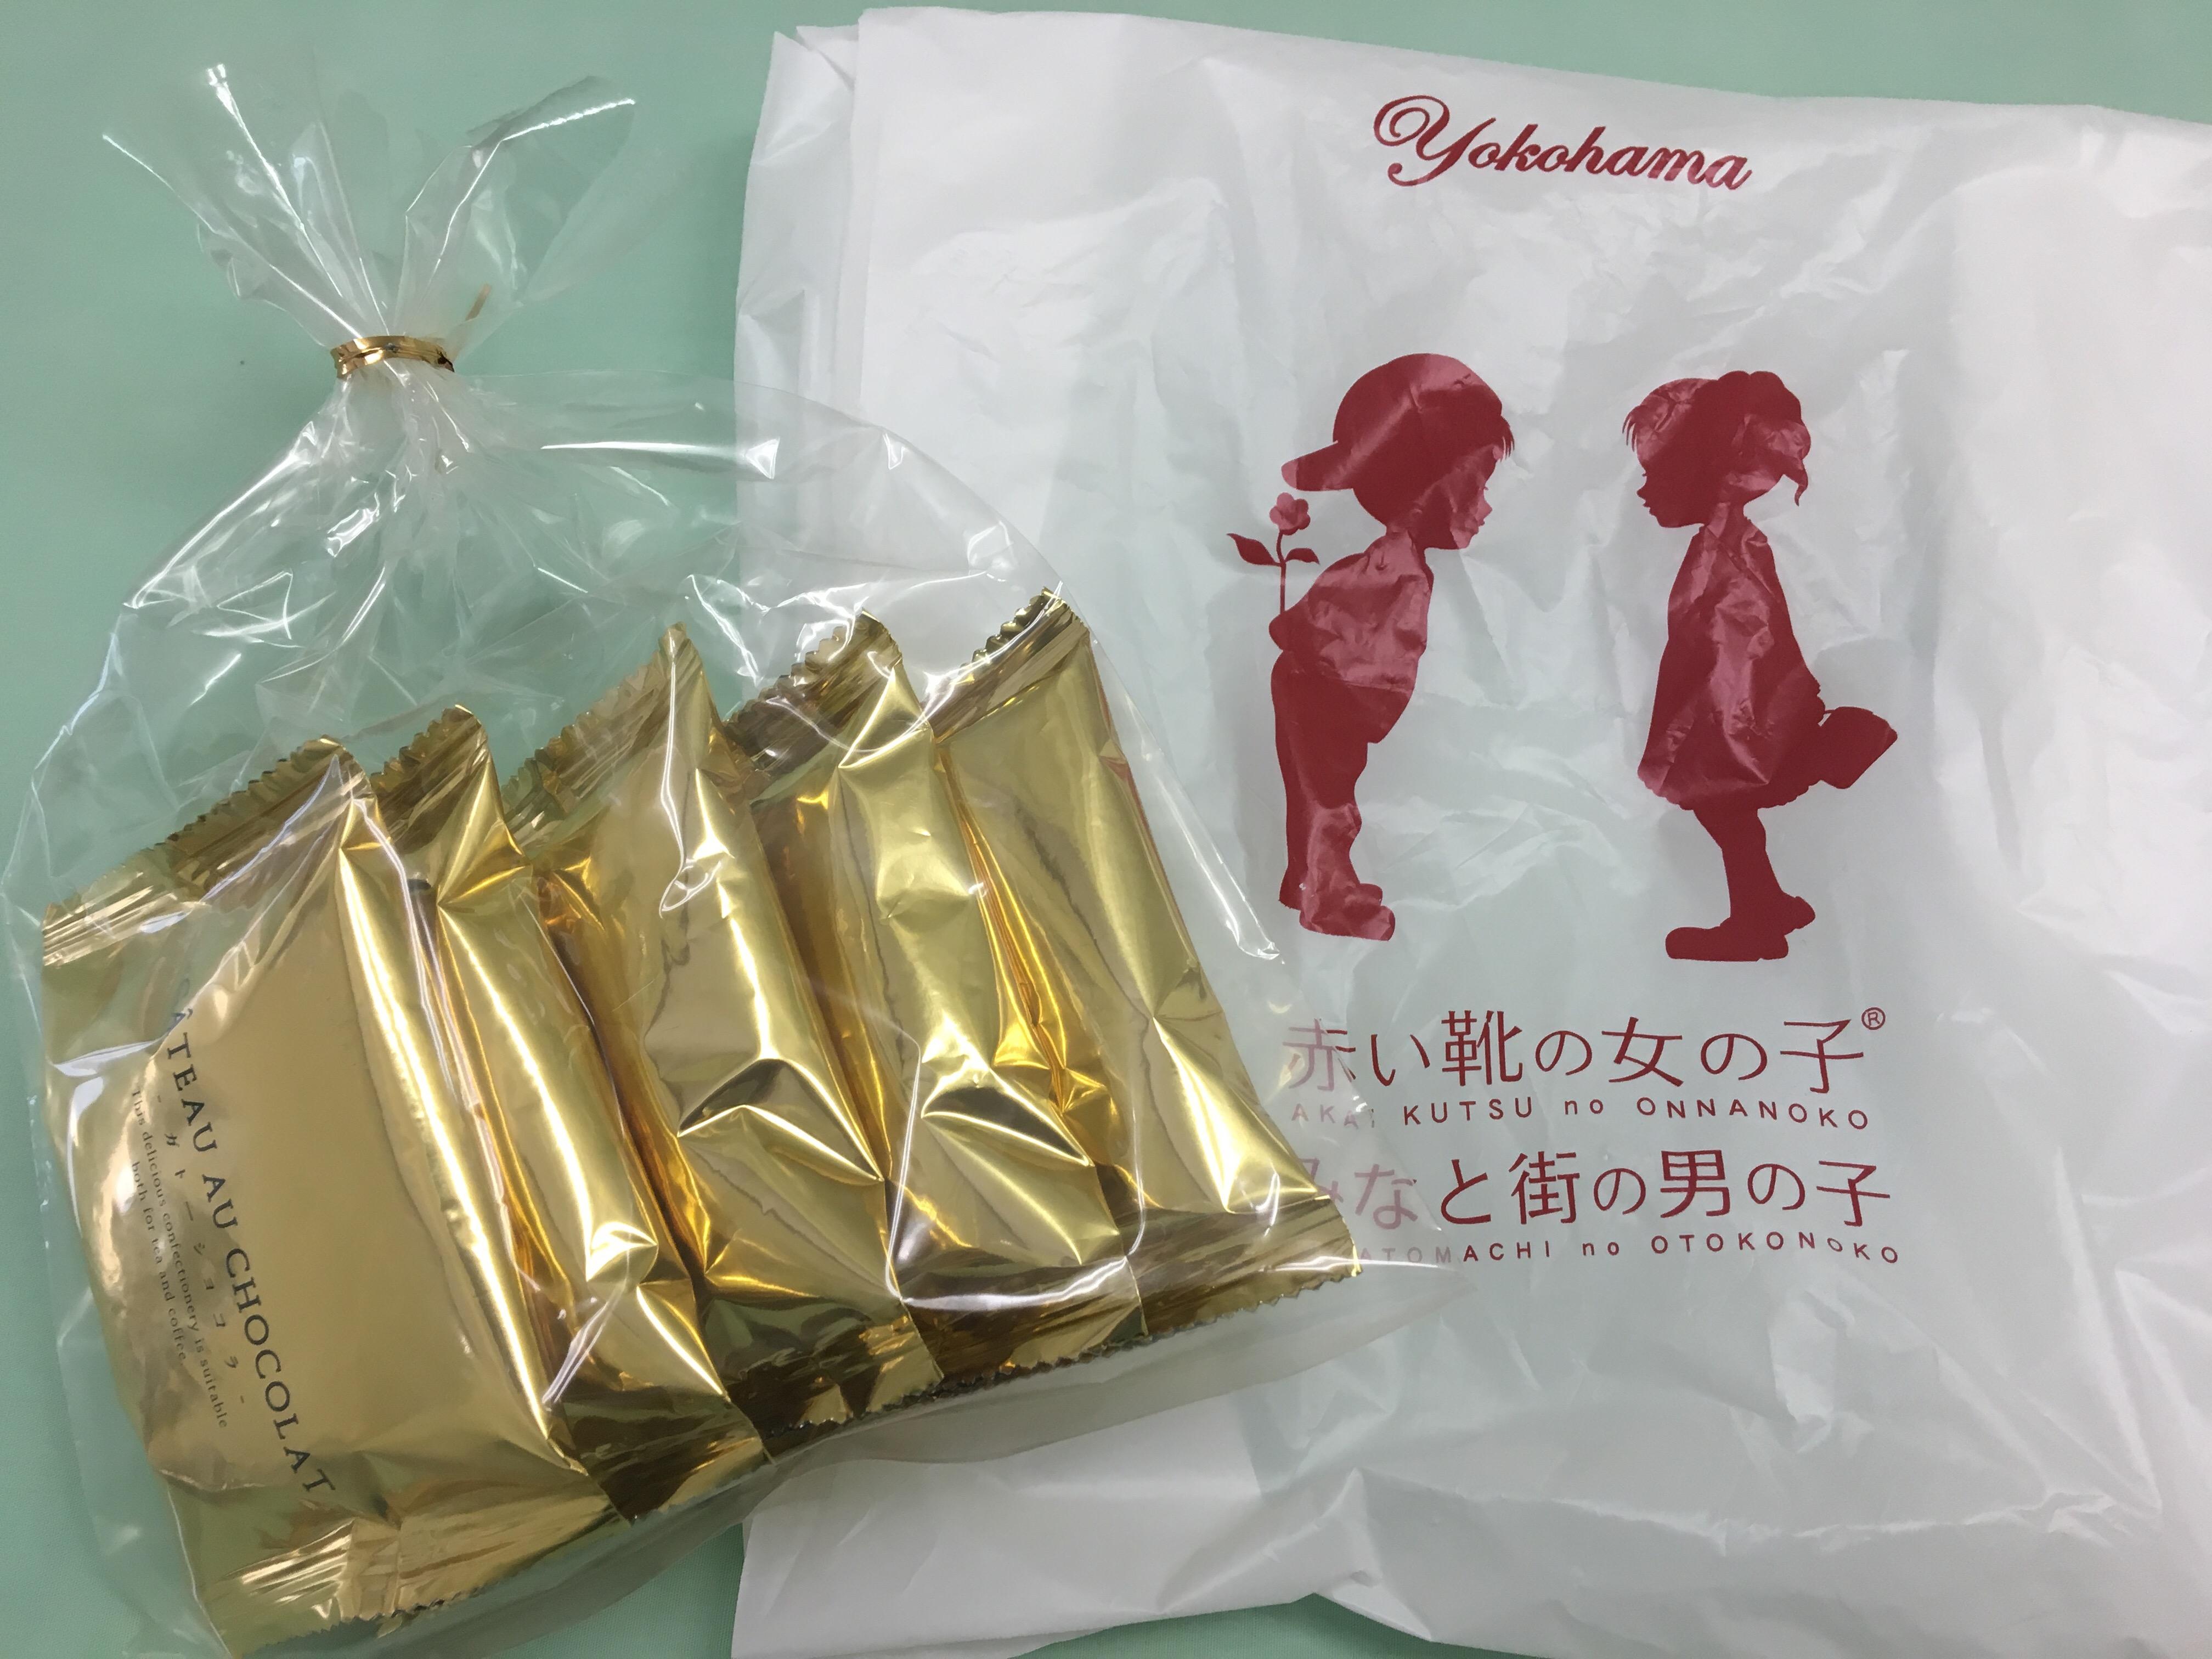 [ブログ]大阪府八尾市Mさん耳つぼダイエット2ヶ月で6kg。横浜のお土産頂きました。